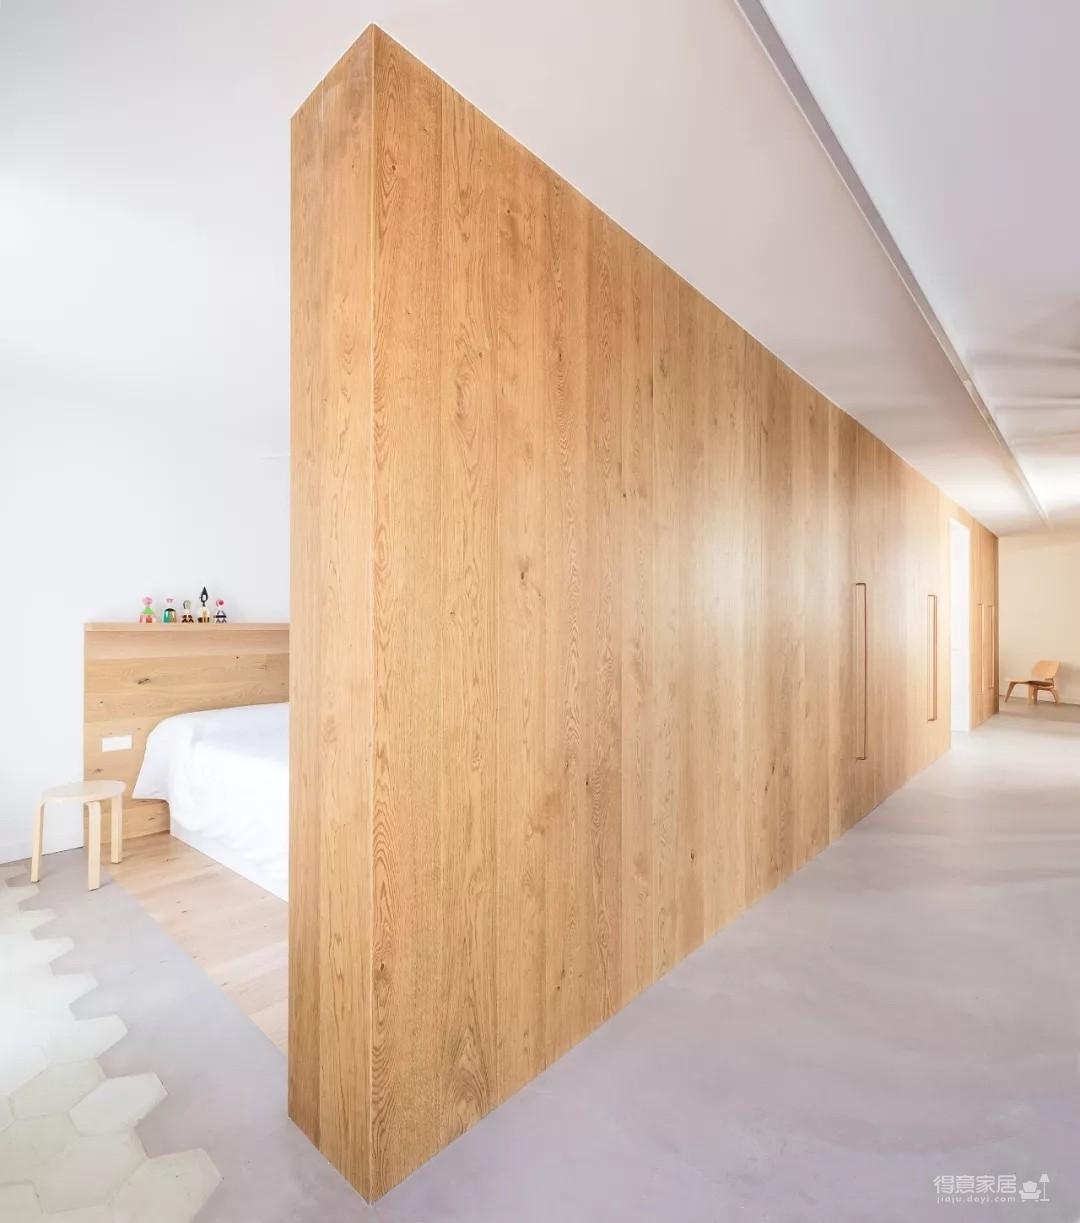 110㎡ 公寓翻新,敲掉隔断墙,客厅都能荡秋千!